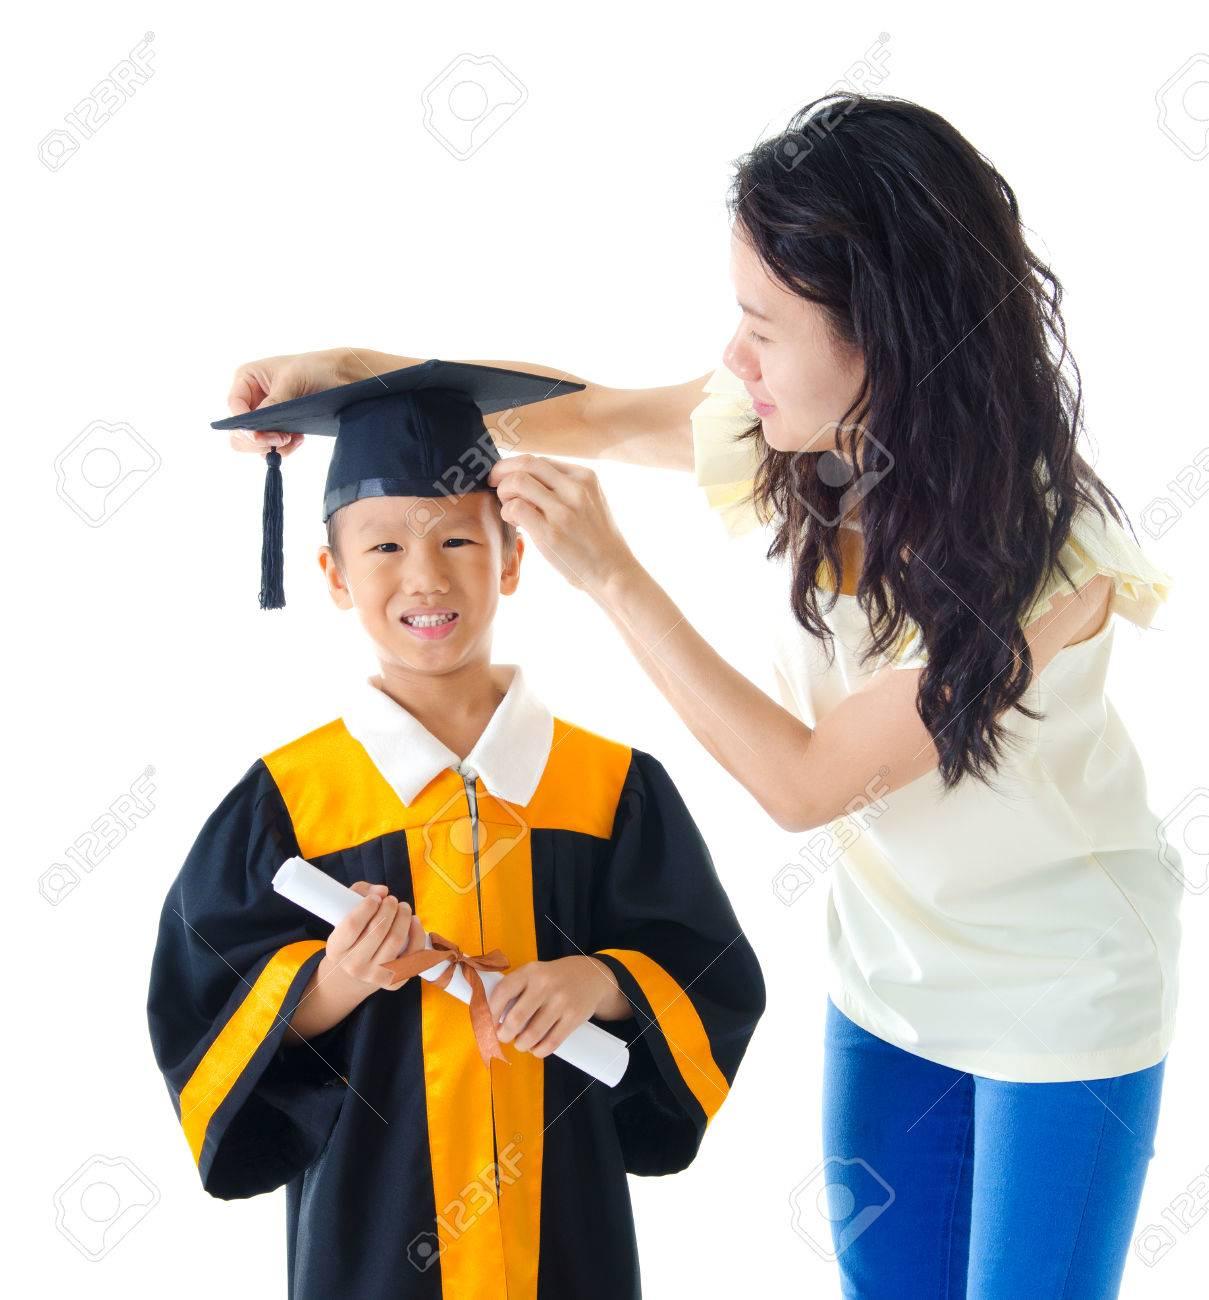 Asian Kindergarten Kid In Graduation Gown And Mortarboard Stock ...